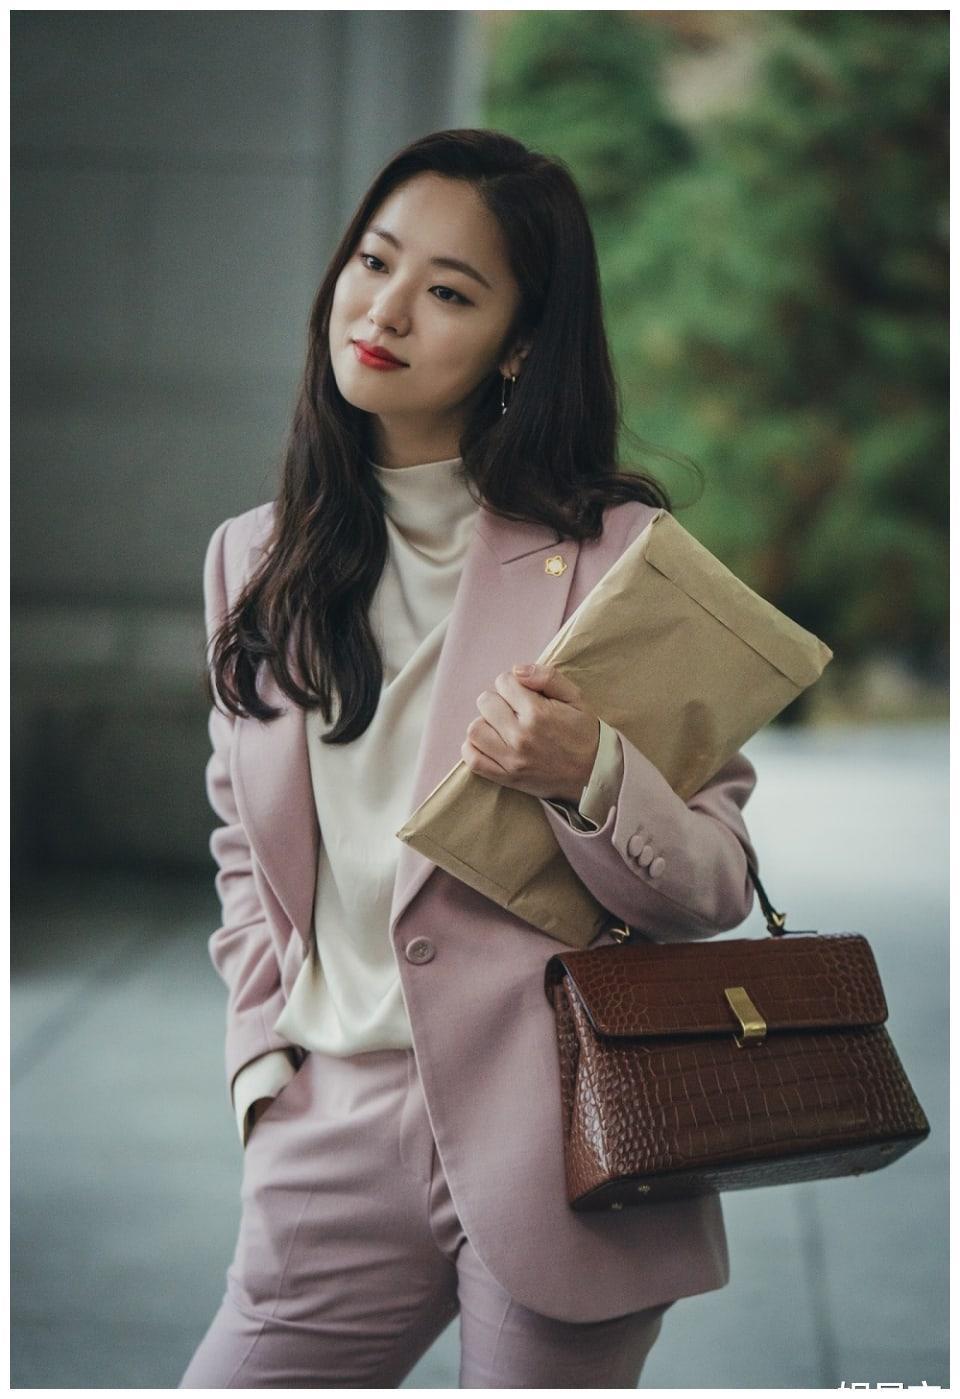 全汝彬在tvN电视剧《Vincenzo》剧中饰演竞争激烈的冷酷律师